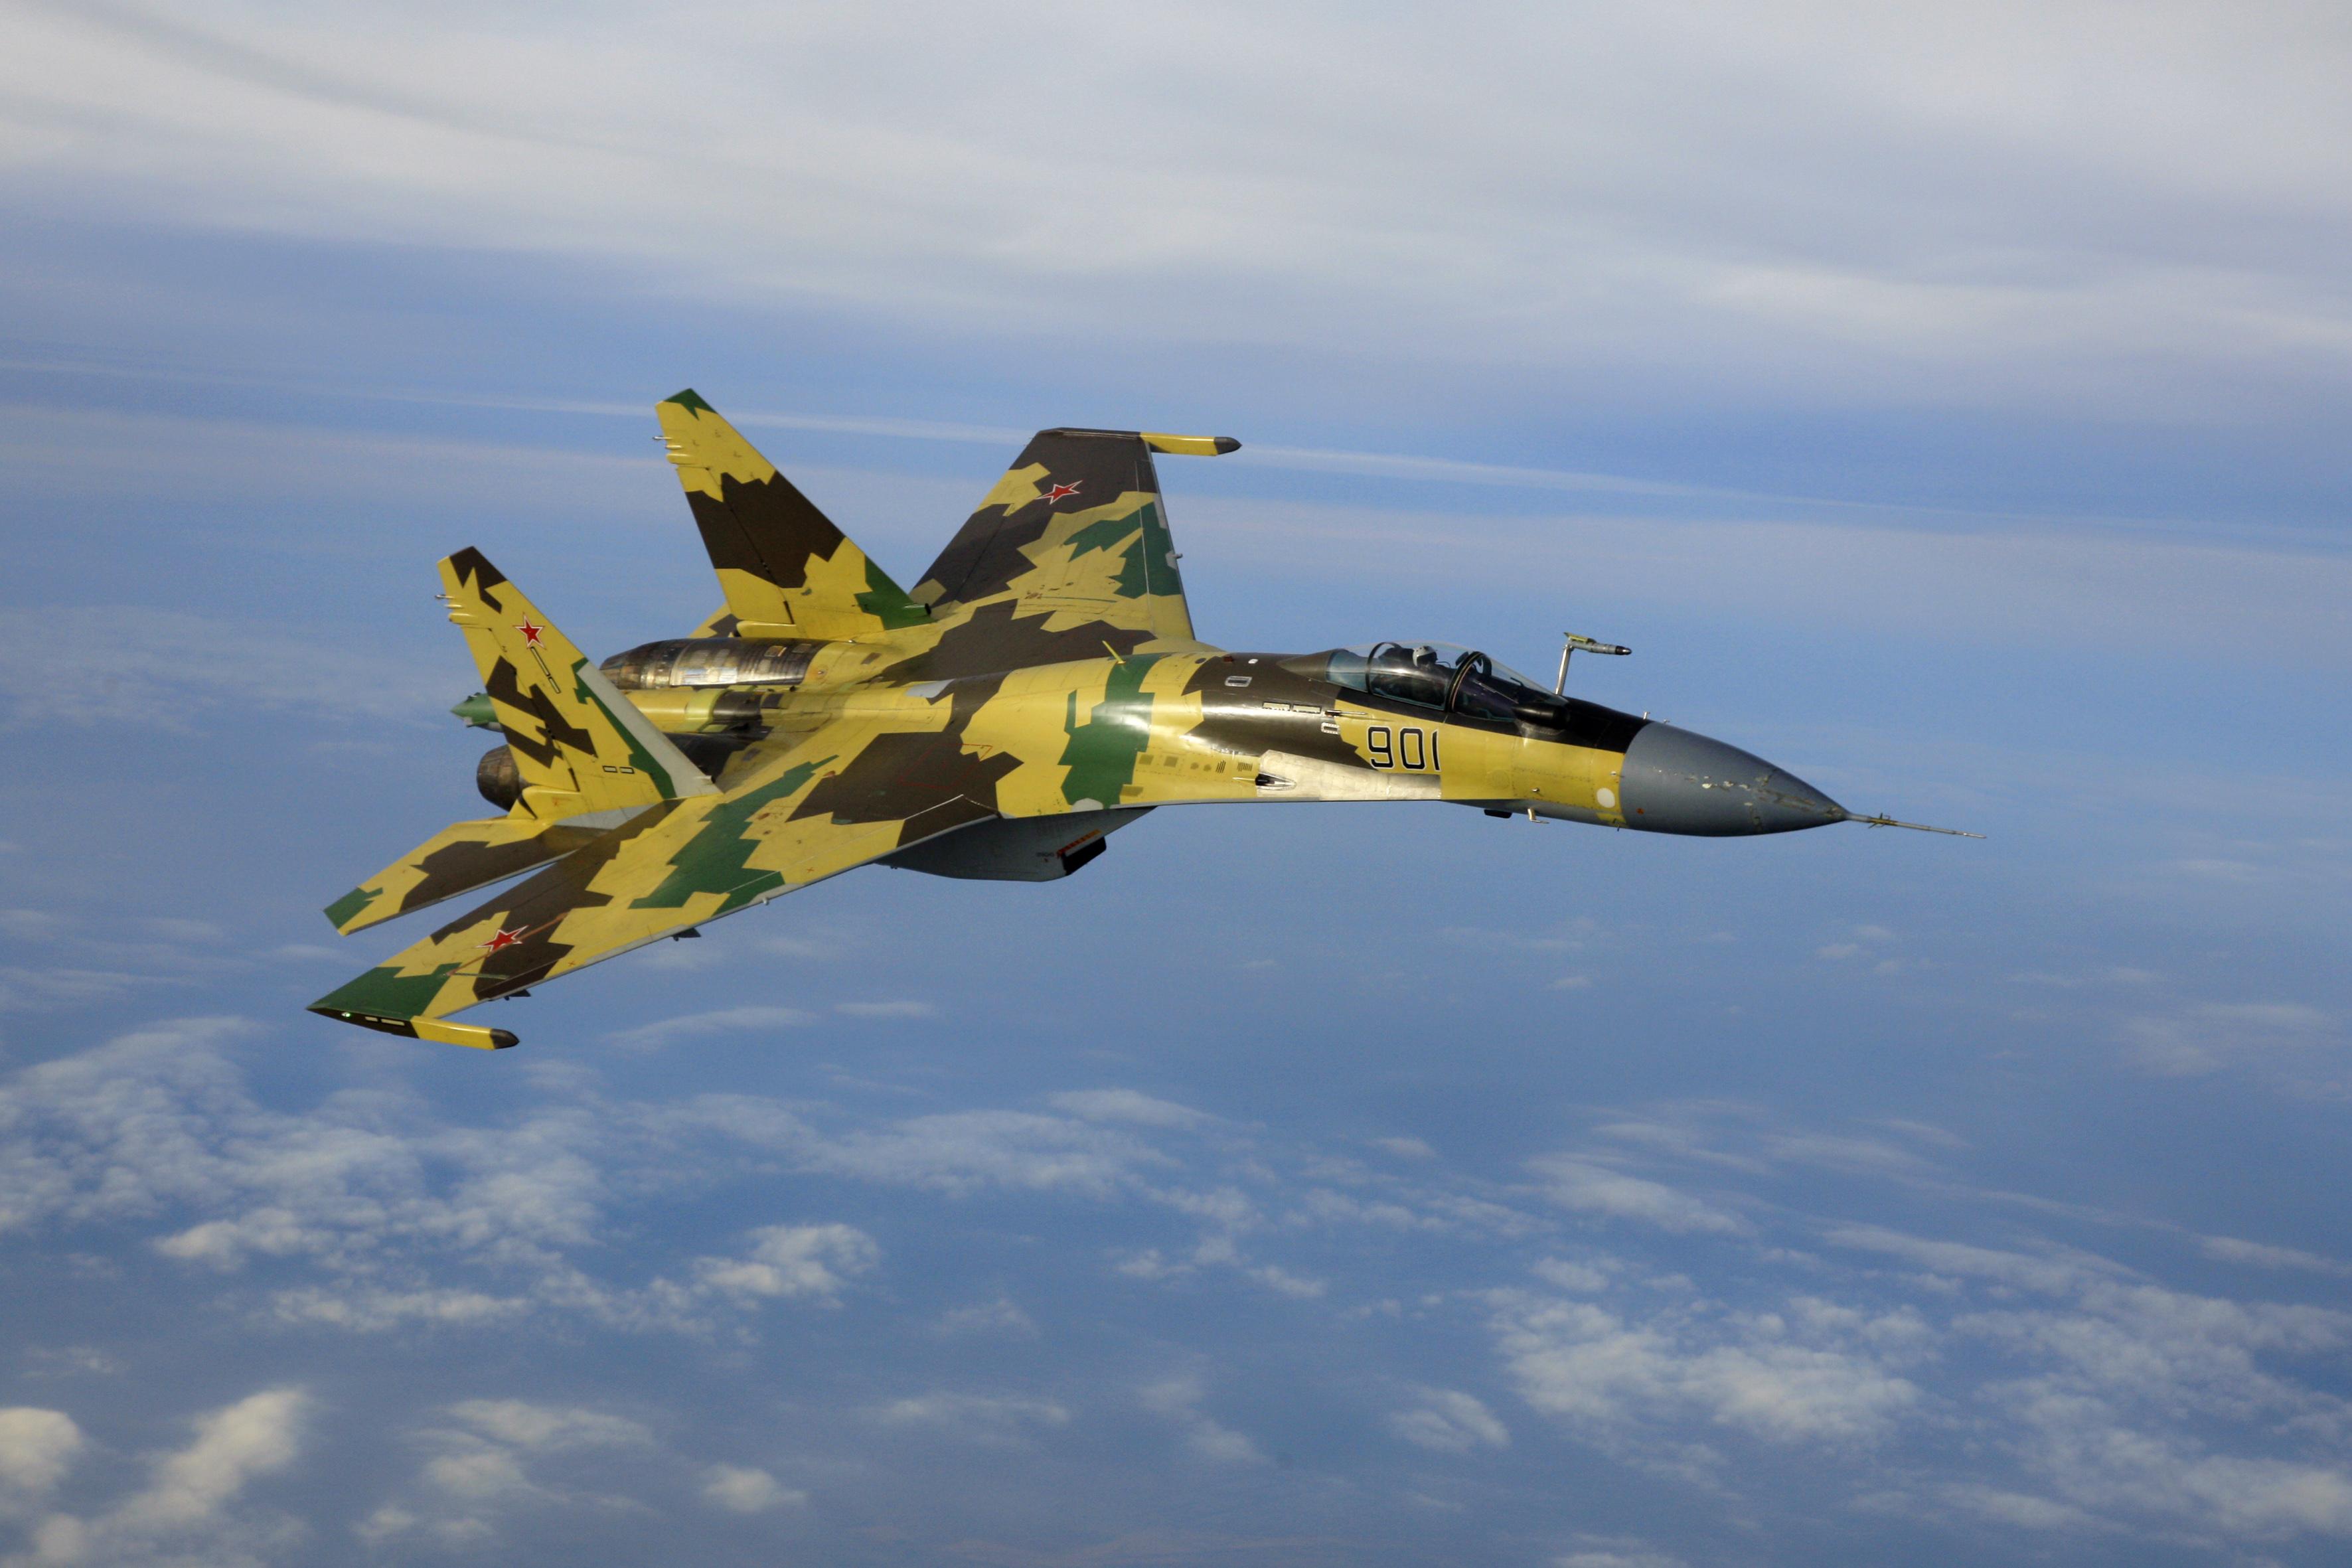 Sebelumnya pada awal bulan ini, Menteri Pertahanan RI Ryamizard Ryacudu mengatakan bahwa Presiden Joko Widodo akan menyaksikan kesepakatan pembelian pesawat tempur Sukhoi Su-35 di Rusia di sela-sela kunjungannya menghadiri KTT Rusia-ASEAN.